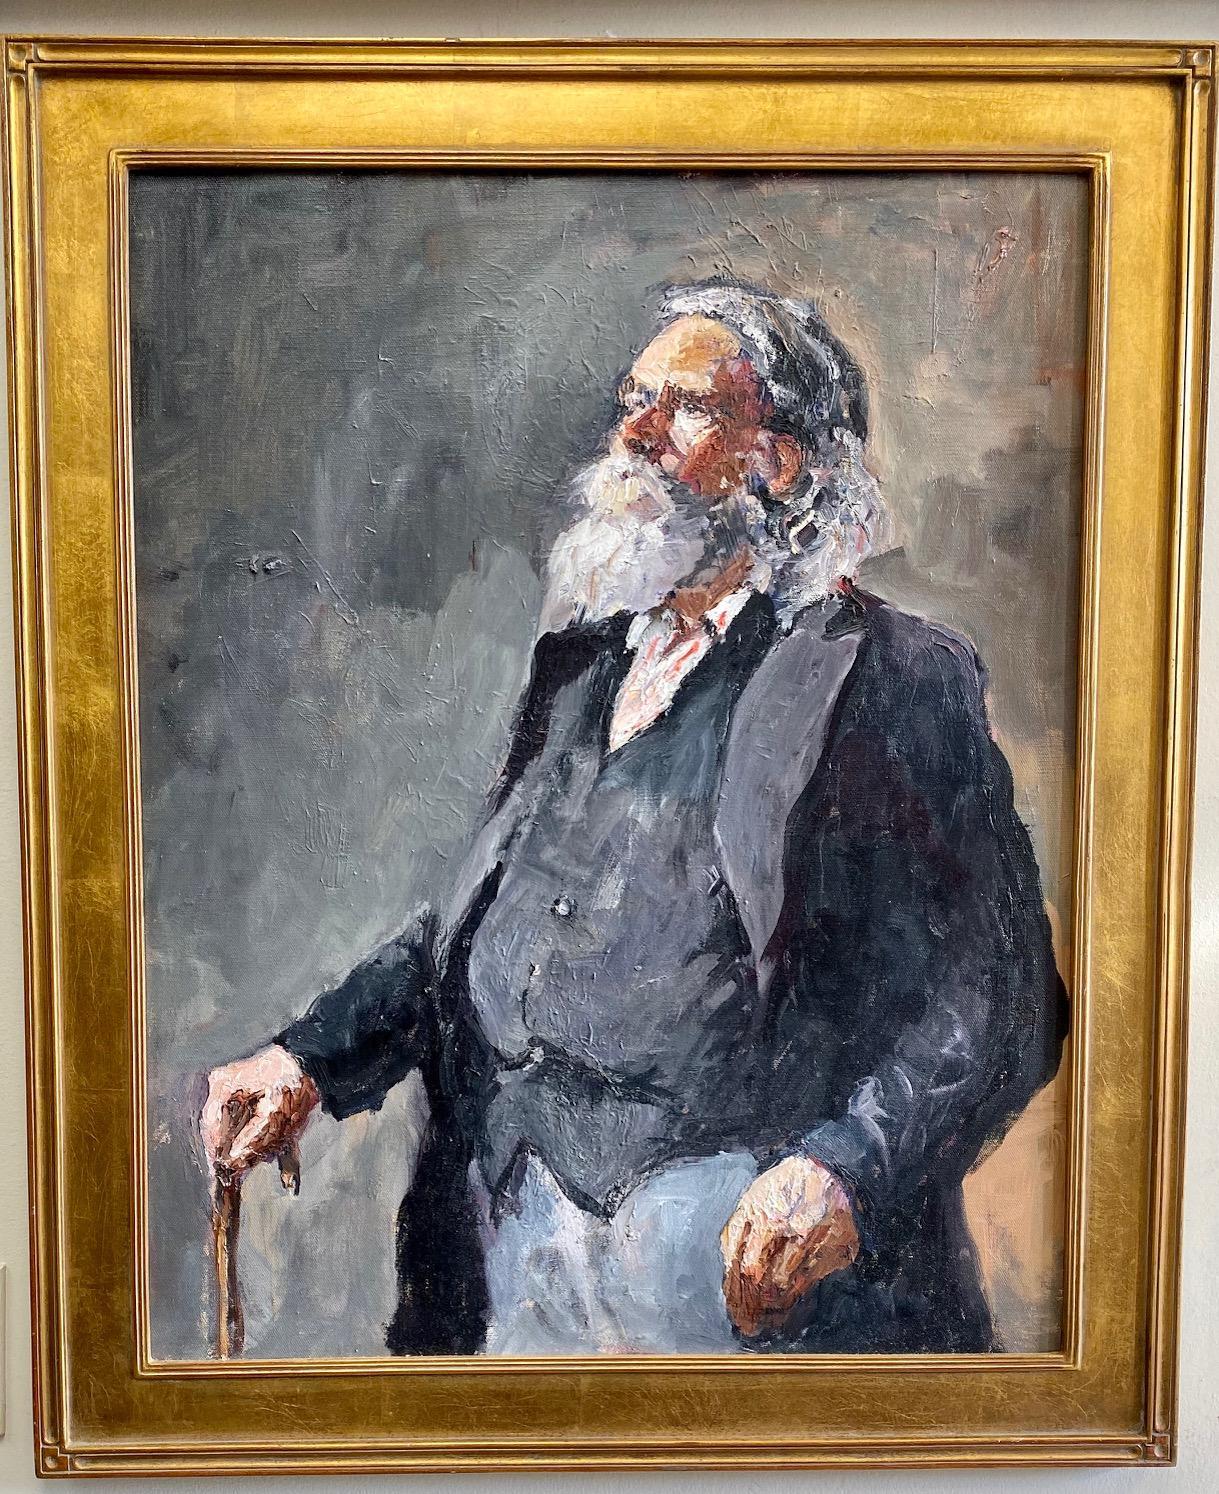 Santa Claus, original 30x24 impressionist portrait